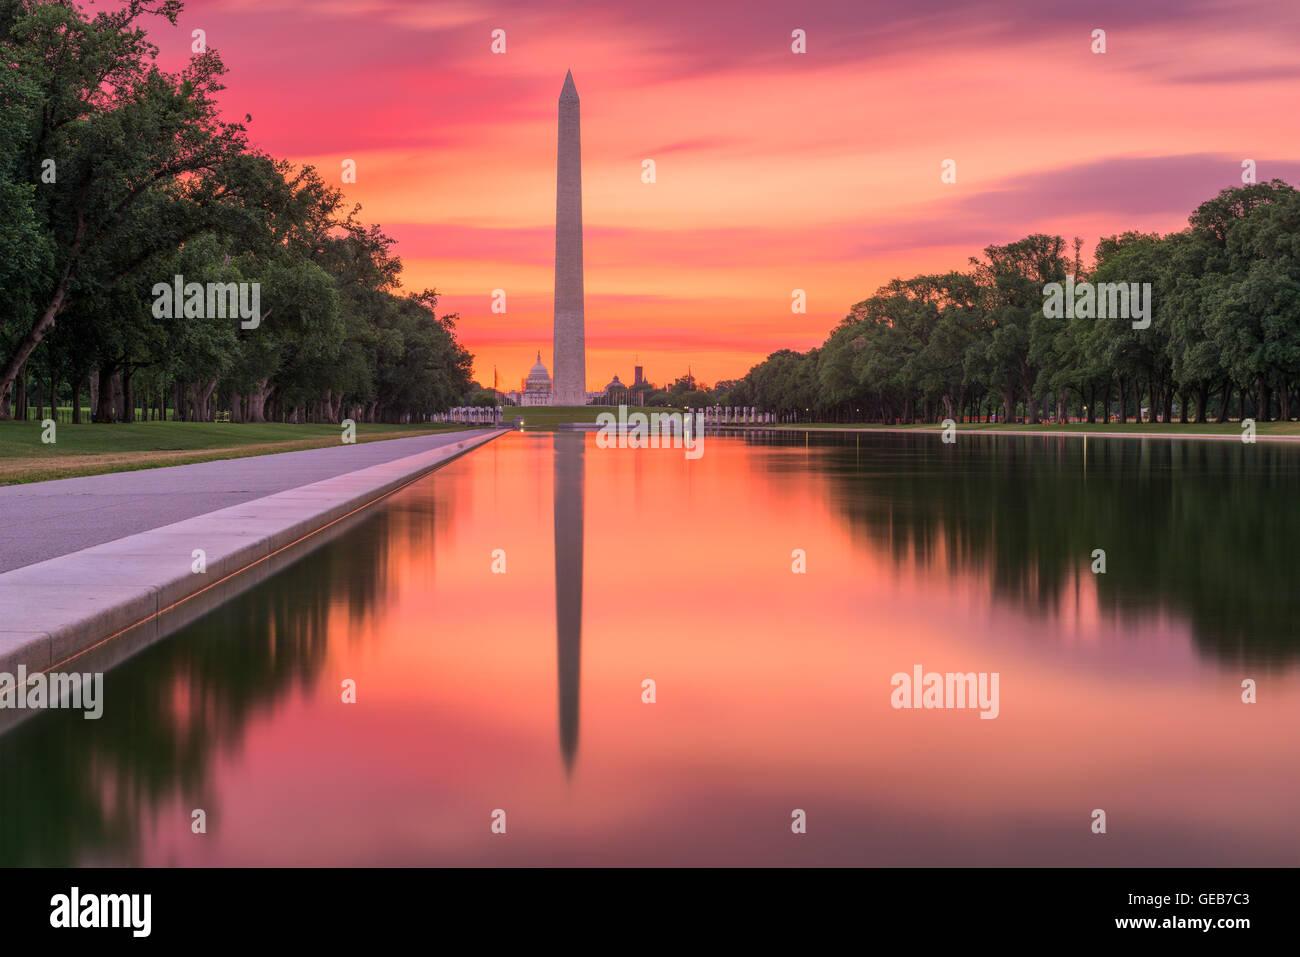 Washington Monument auf dem Reflecting Pool in Washington, DC. Stockbild